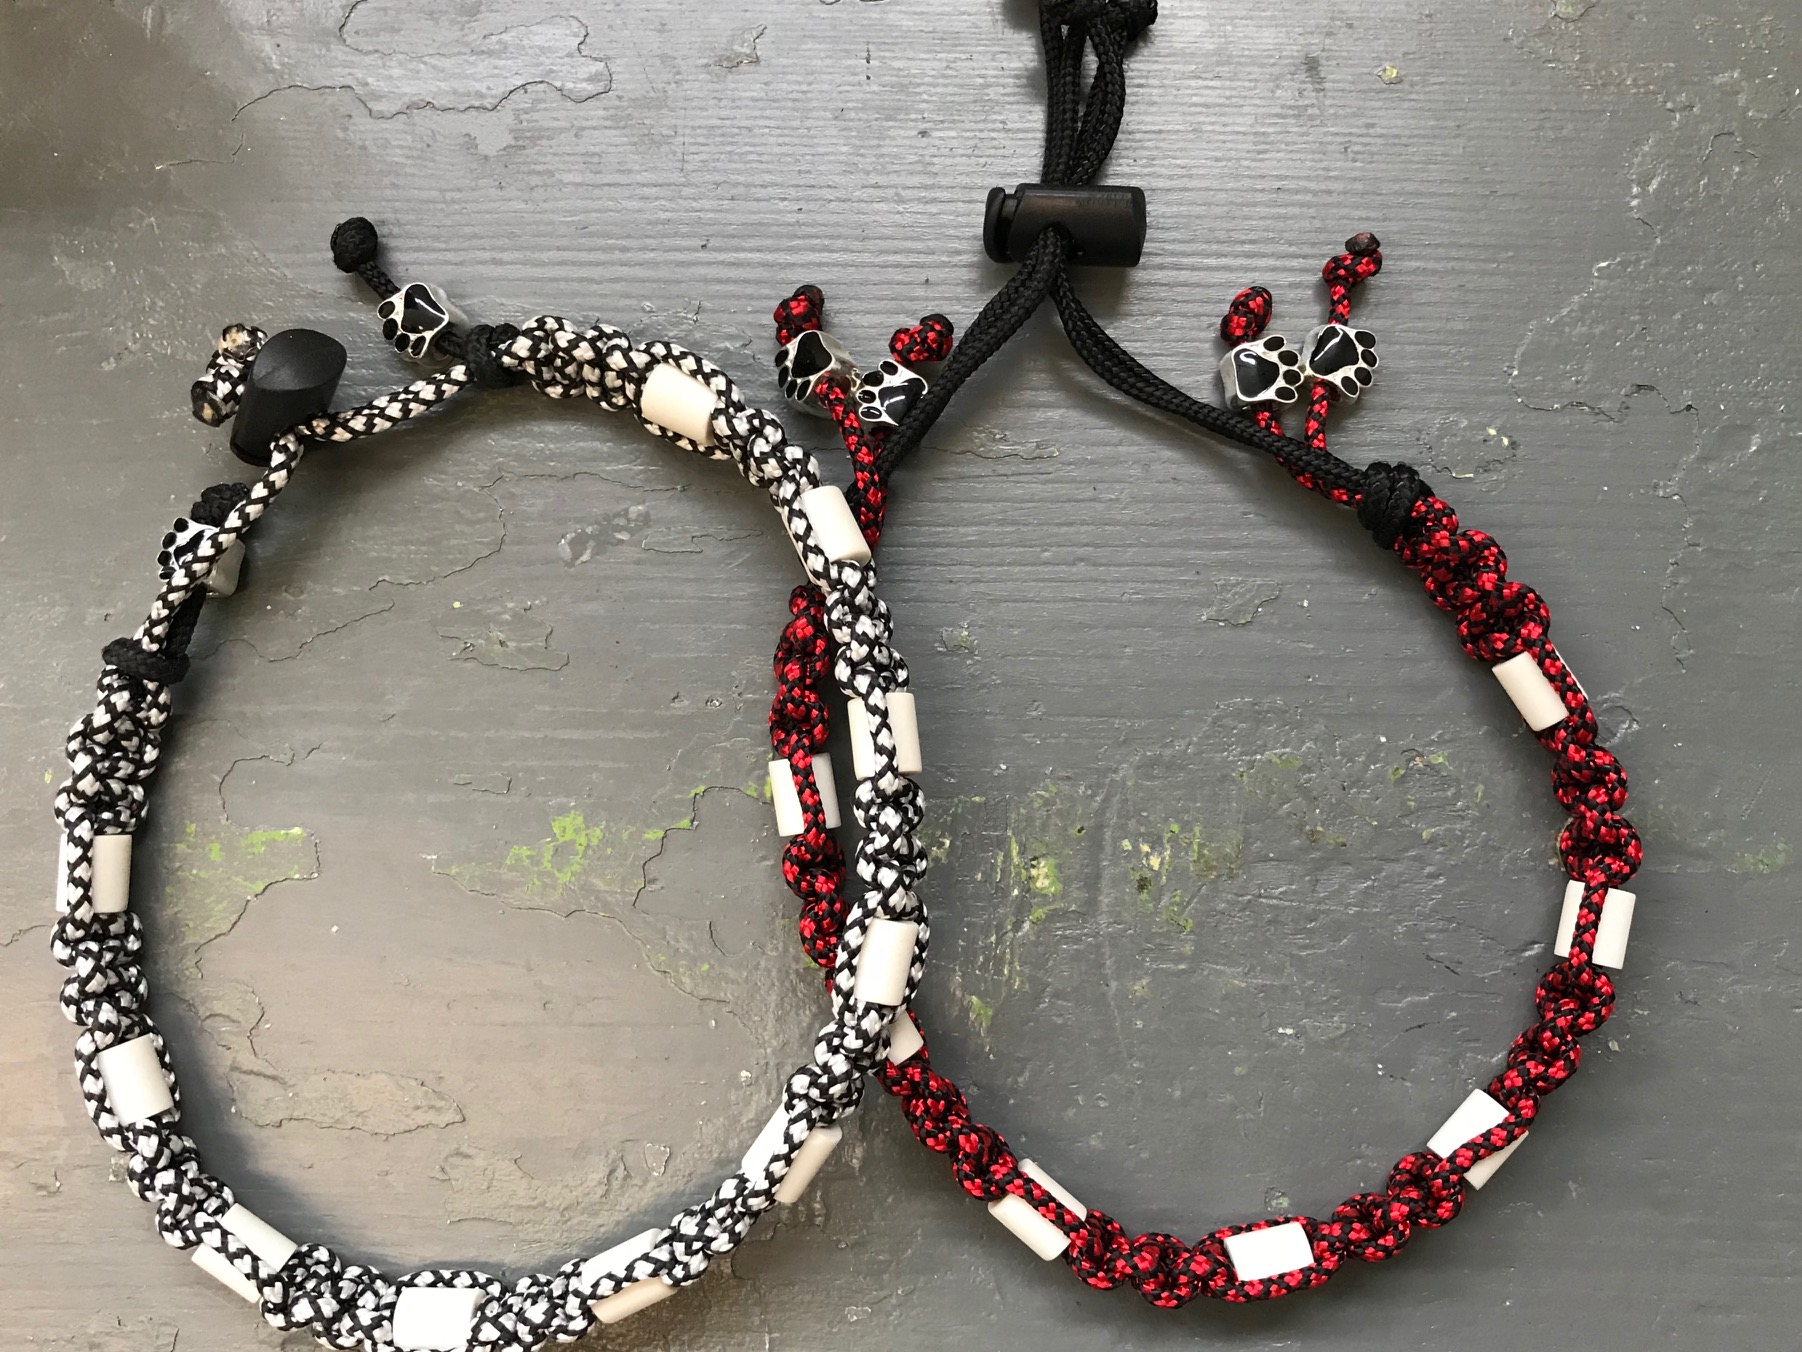 Antiteken en vlooienband, wordt naar wens gemaakt op kleur en lengte. Prijs afhankelijk van lengte, startend bij 10 euro voor Small, 12, 50 euro M, 15 euro L.